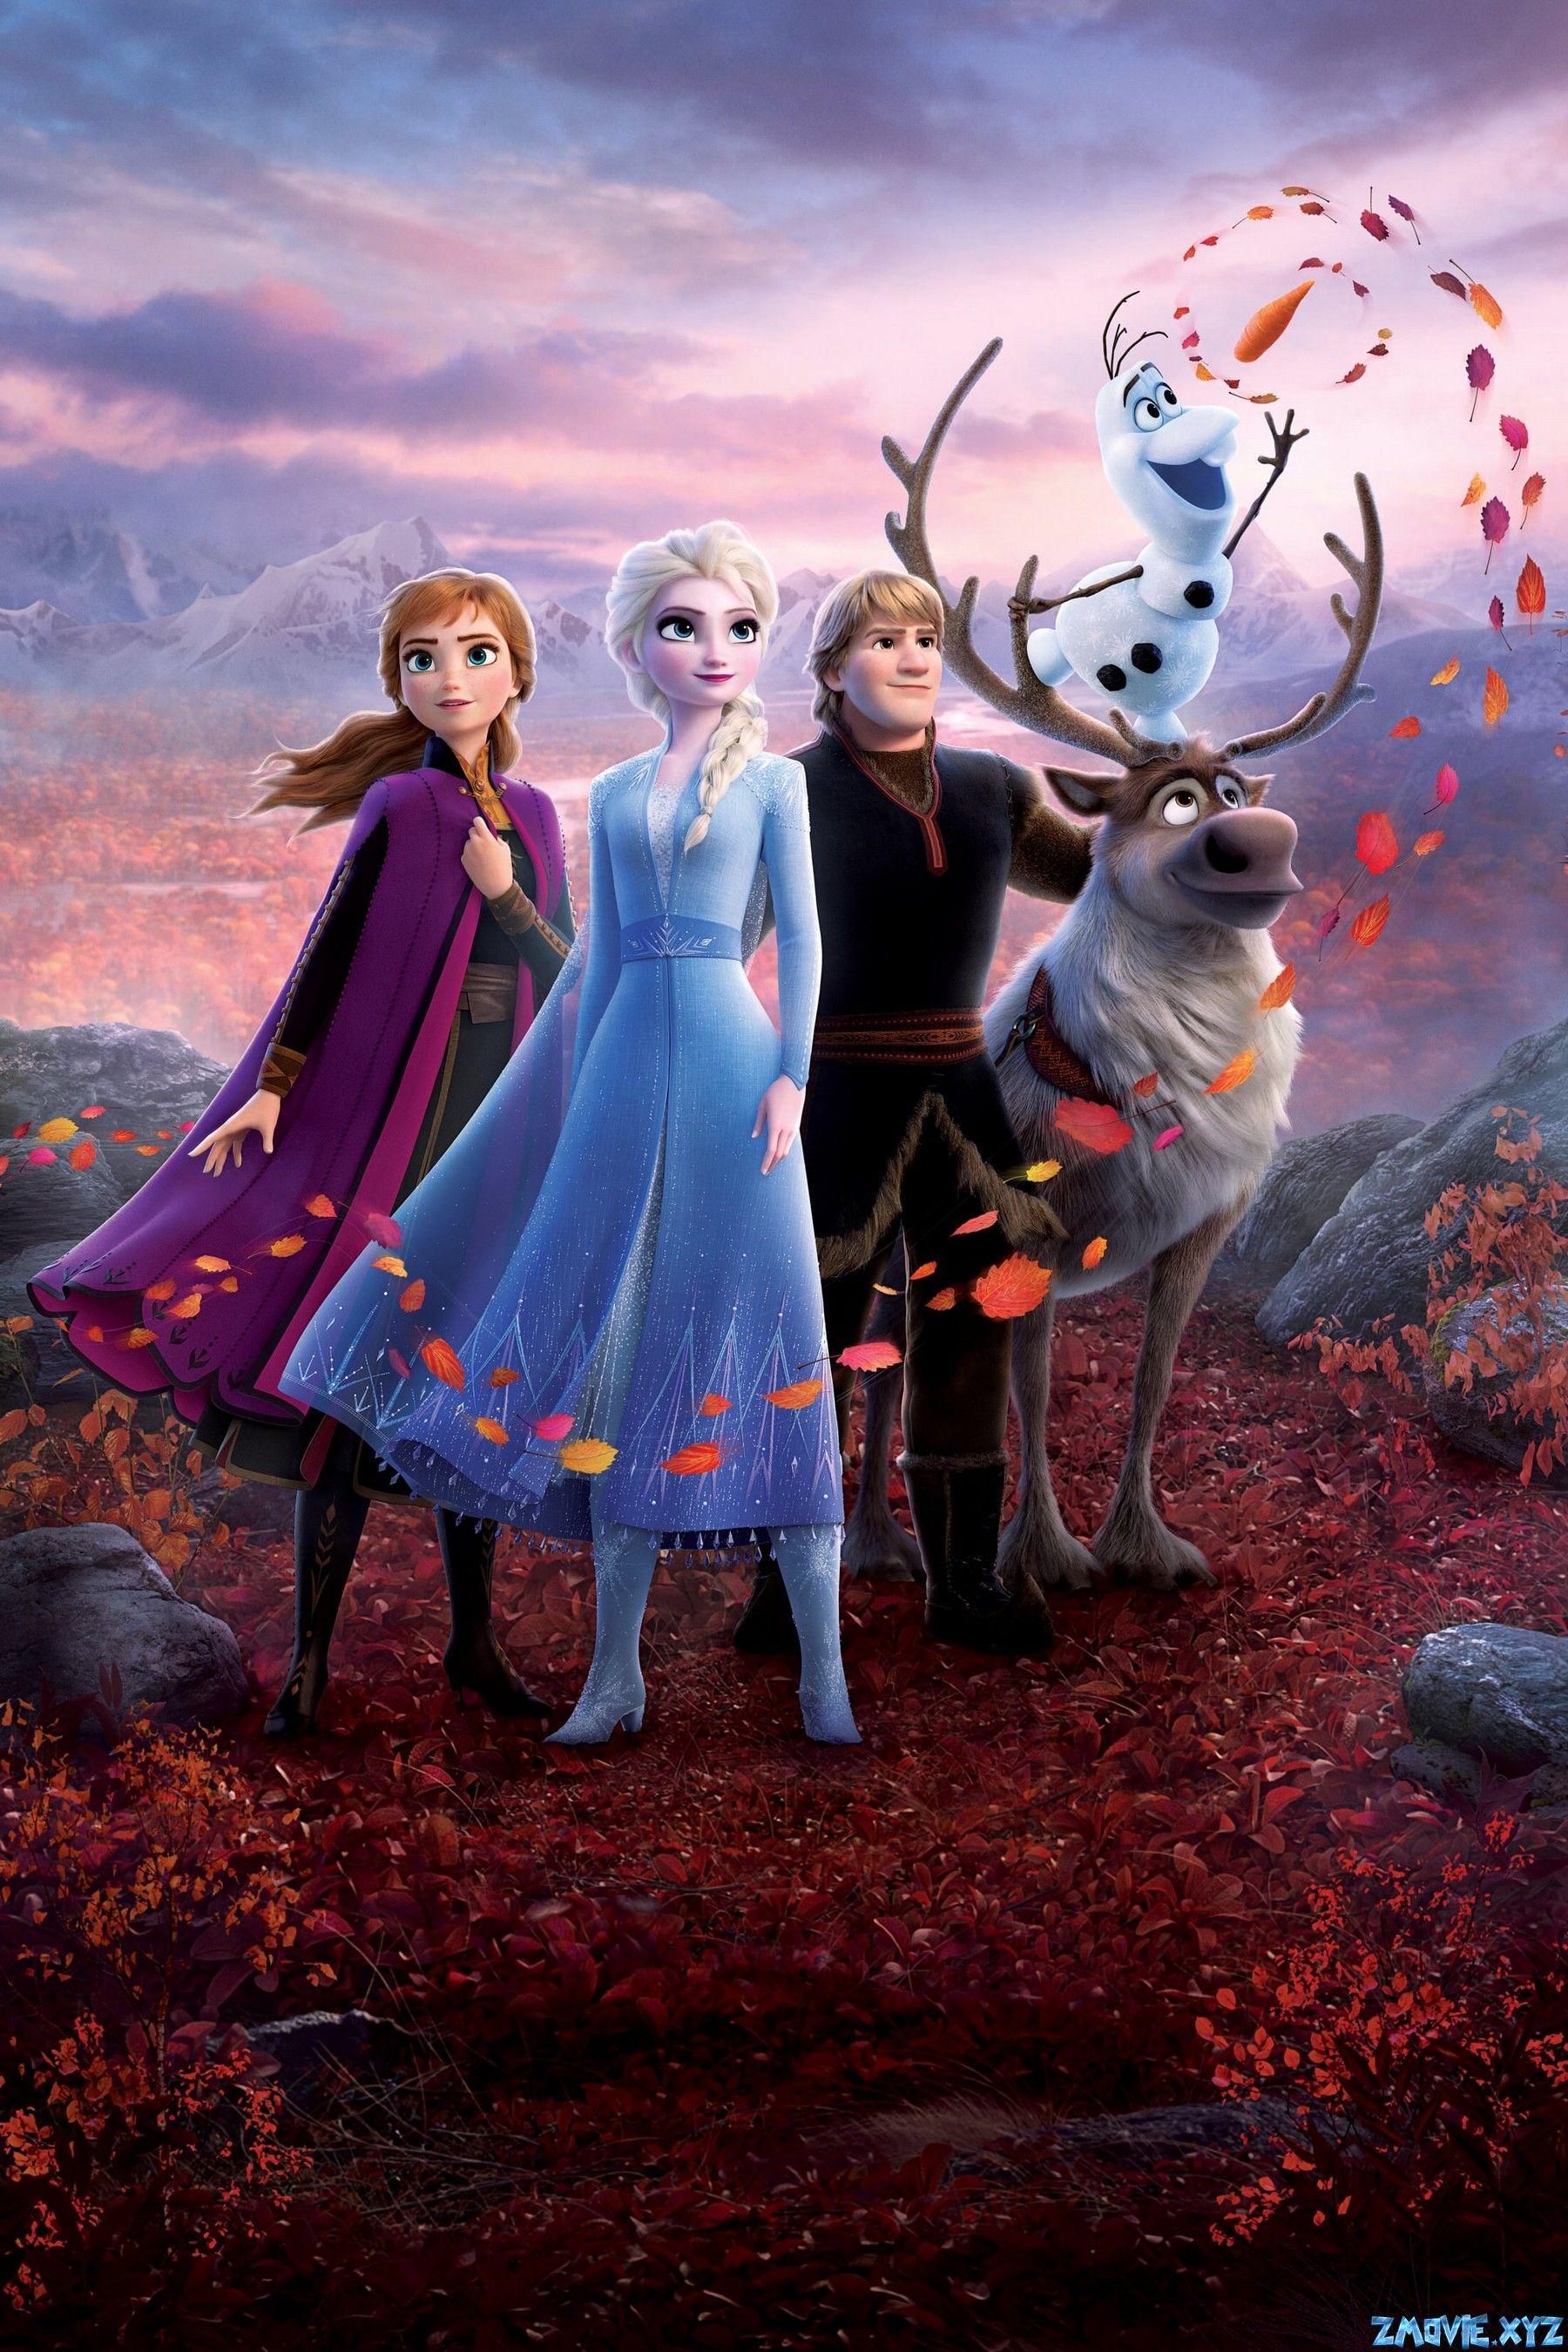 Frozen 2 Pelicula Completa En Espanol Latino Hd Subtitulado Actionmovie Newactionmovie Spymovi Frozen Film Animated Movies Walt Disney Animation Studios